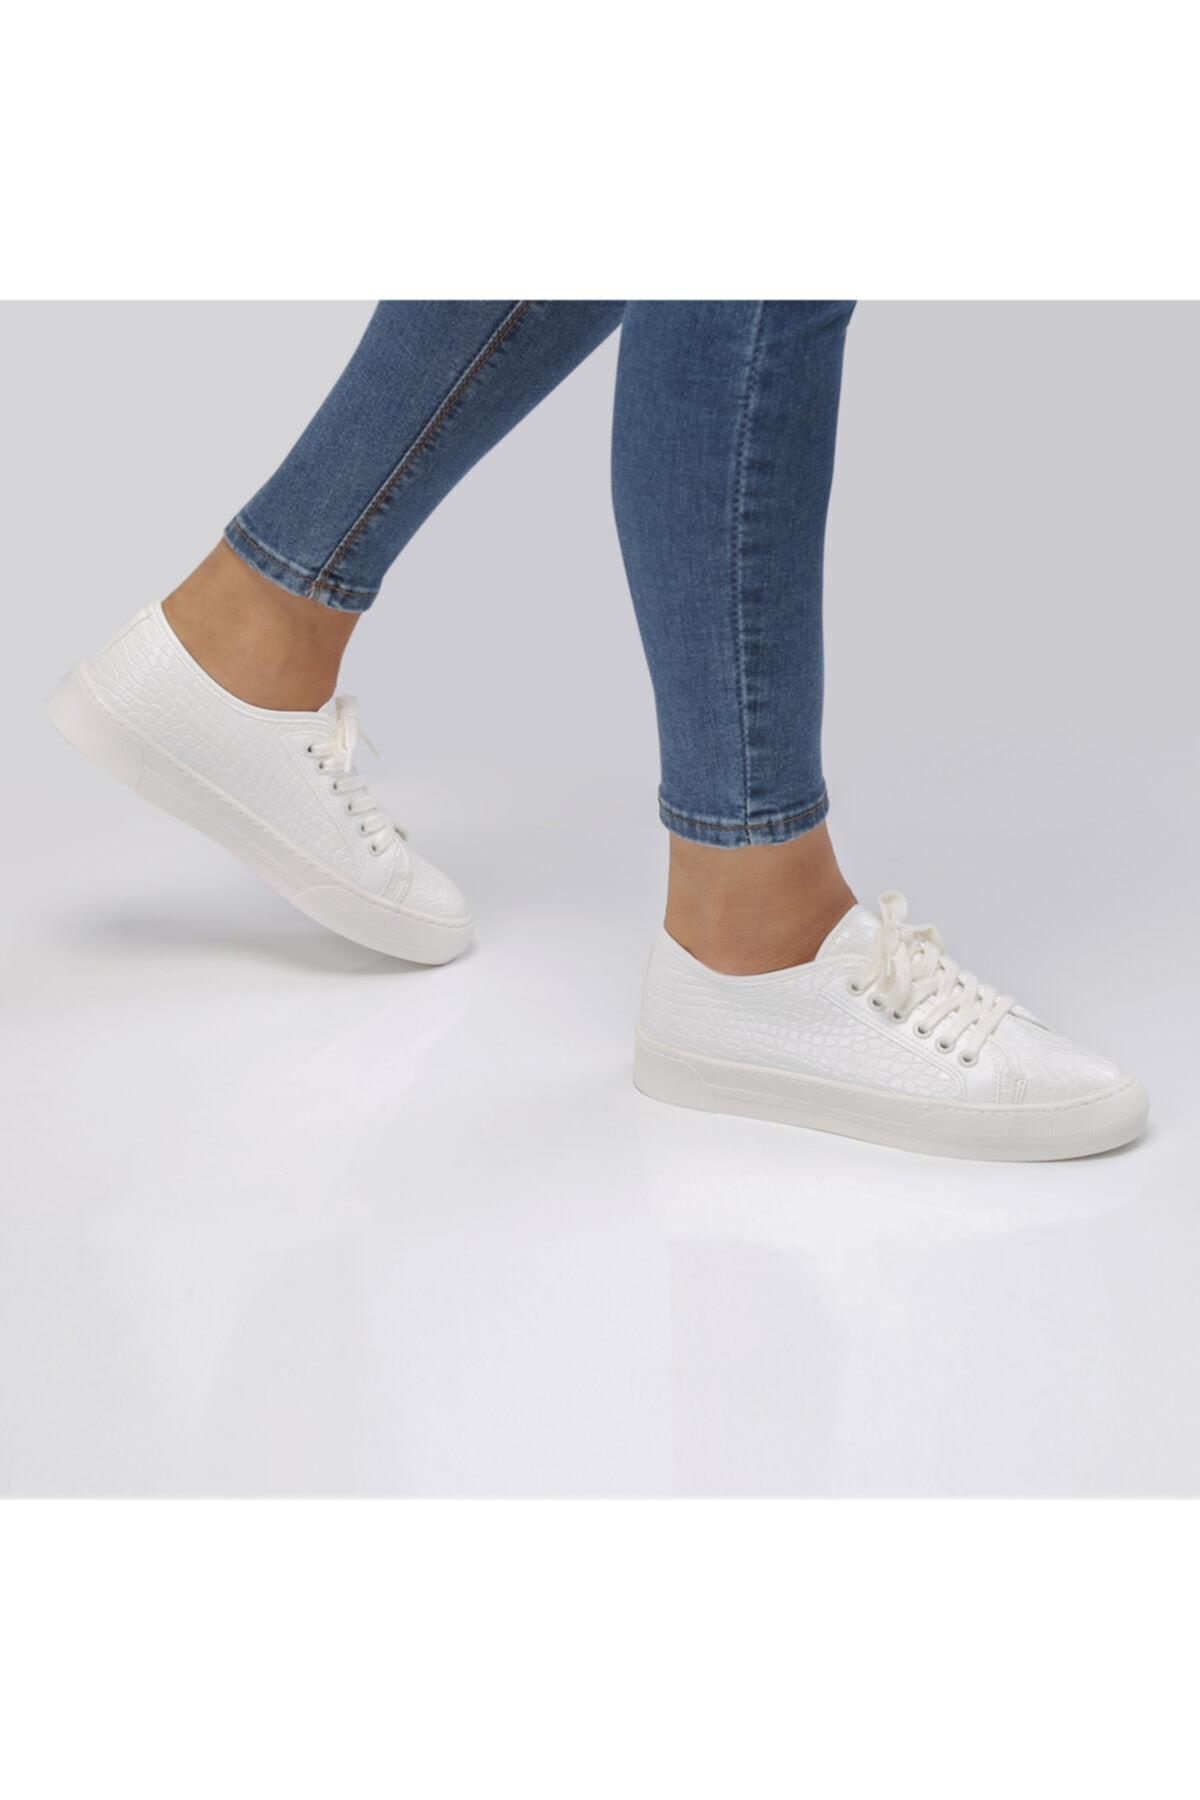 KEMAL TANCA Kadın Beyaz Vegan Sneakers ve Spor Ayakkabı 776 3214 Sk20-21 1